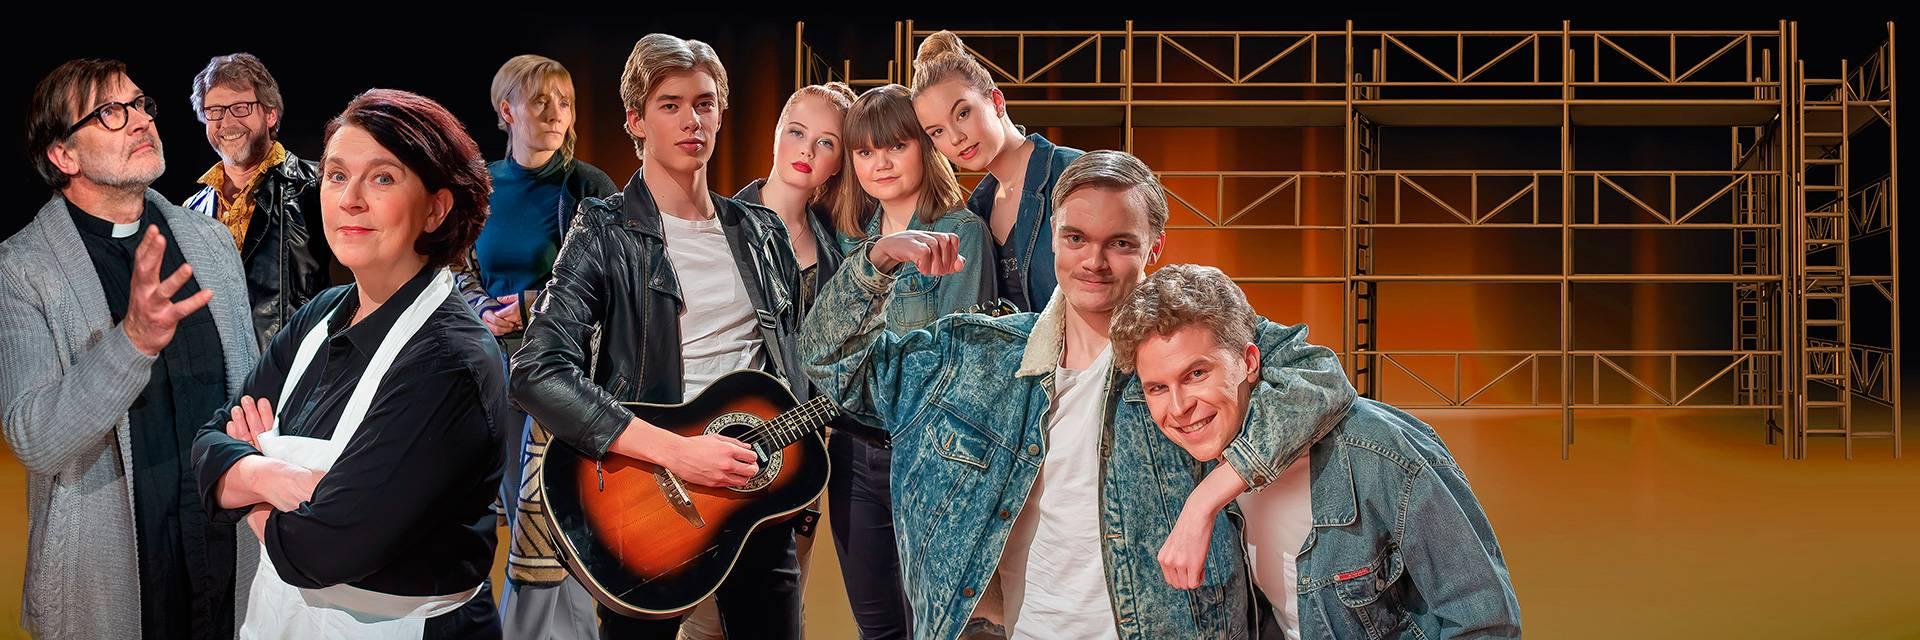 Valkeakosken kaupunginteatterin näyttelijöitä esityksestä Lemmen Jättiläinen.